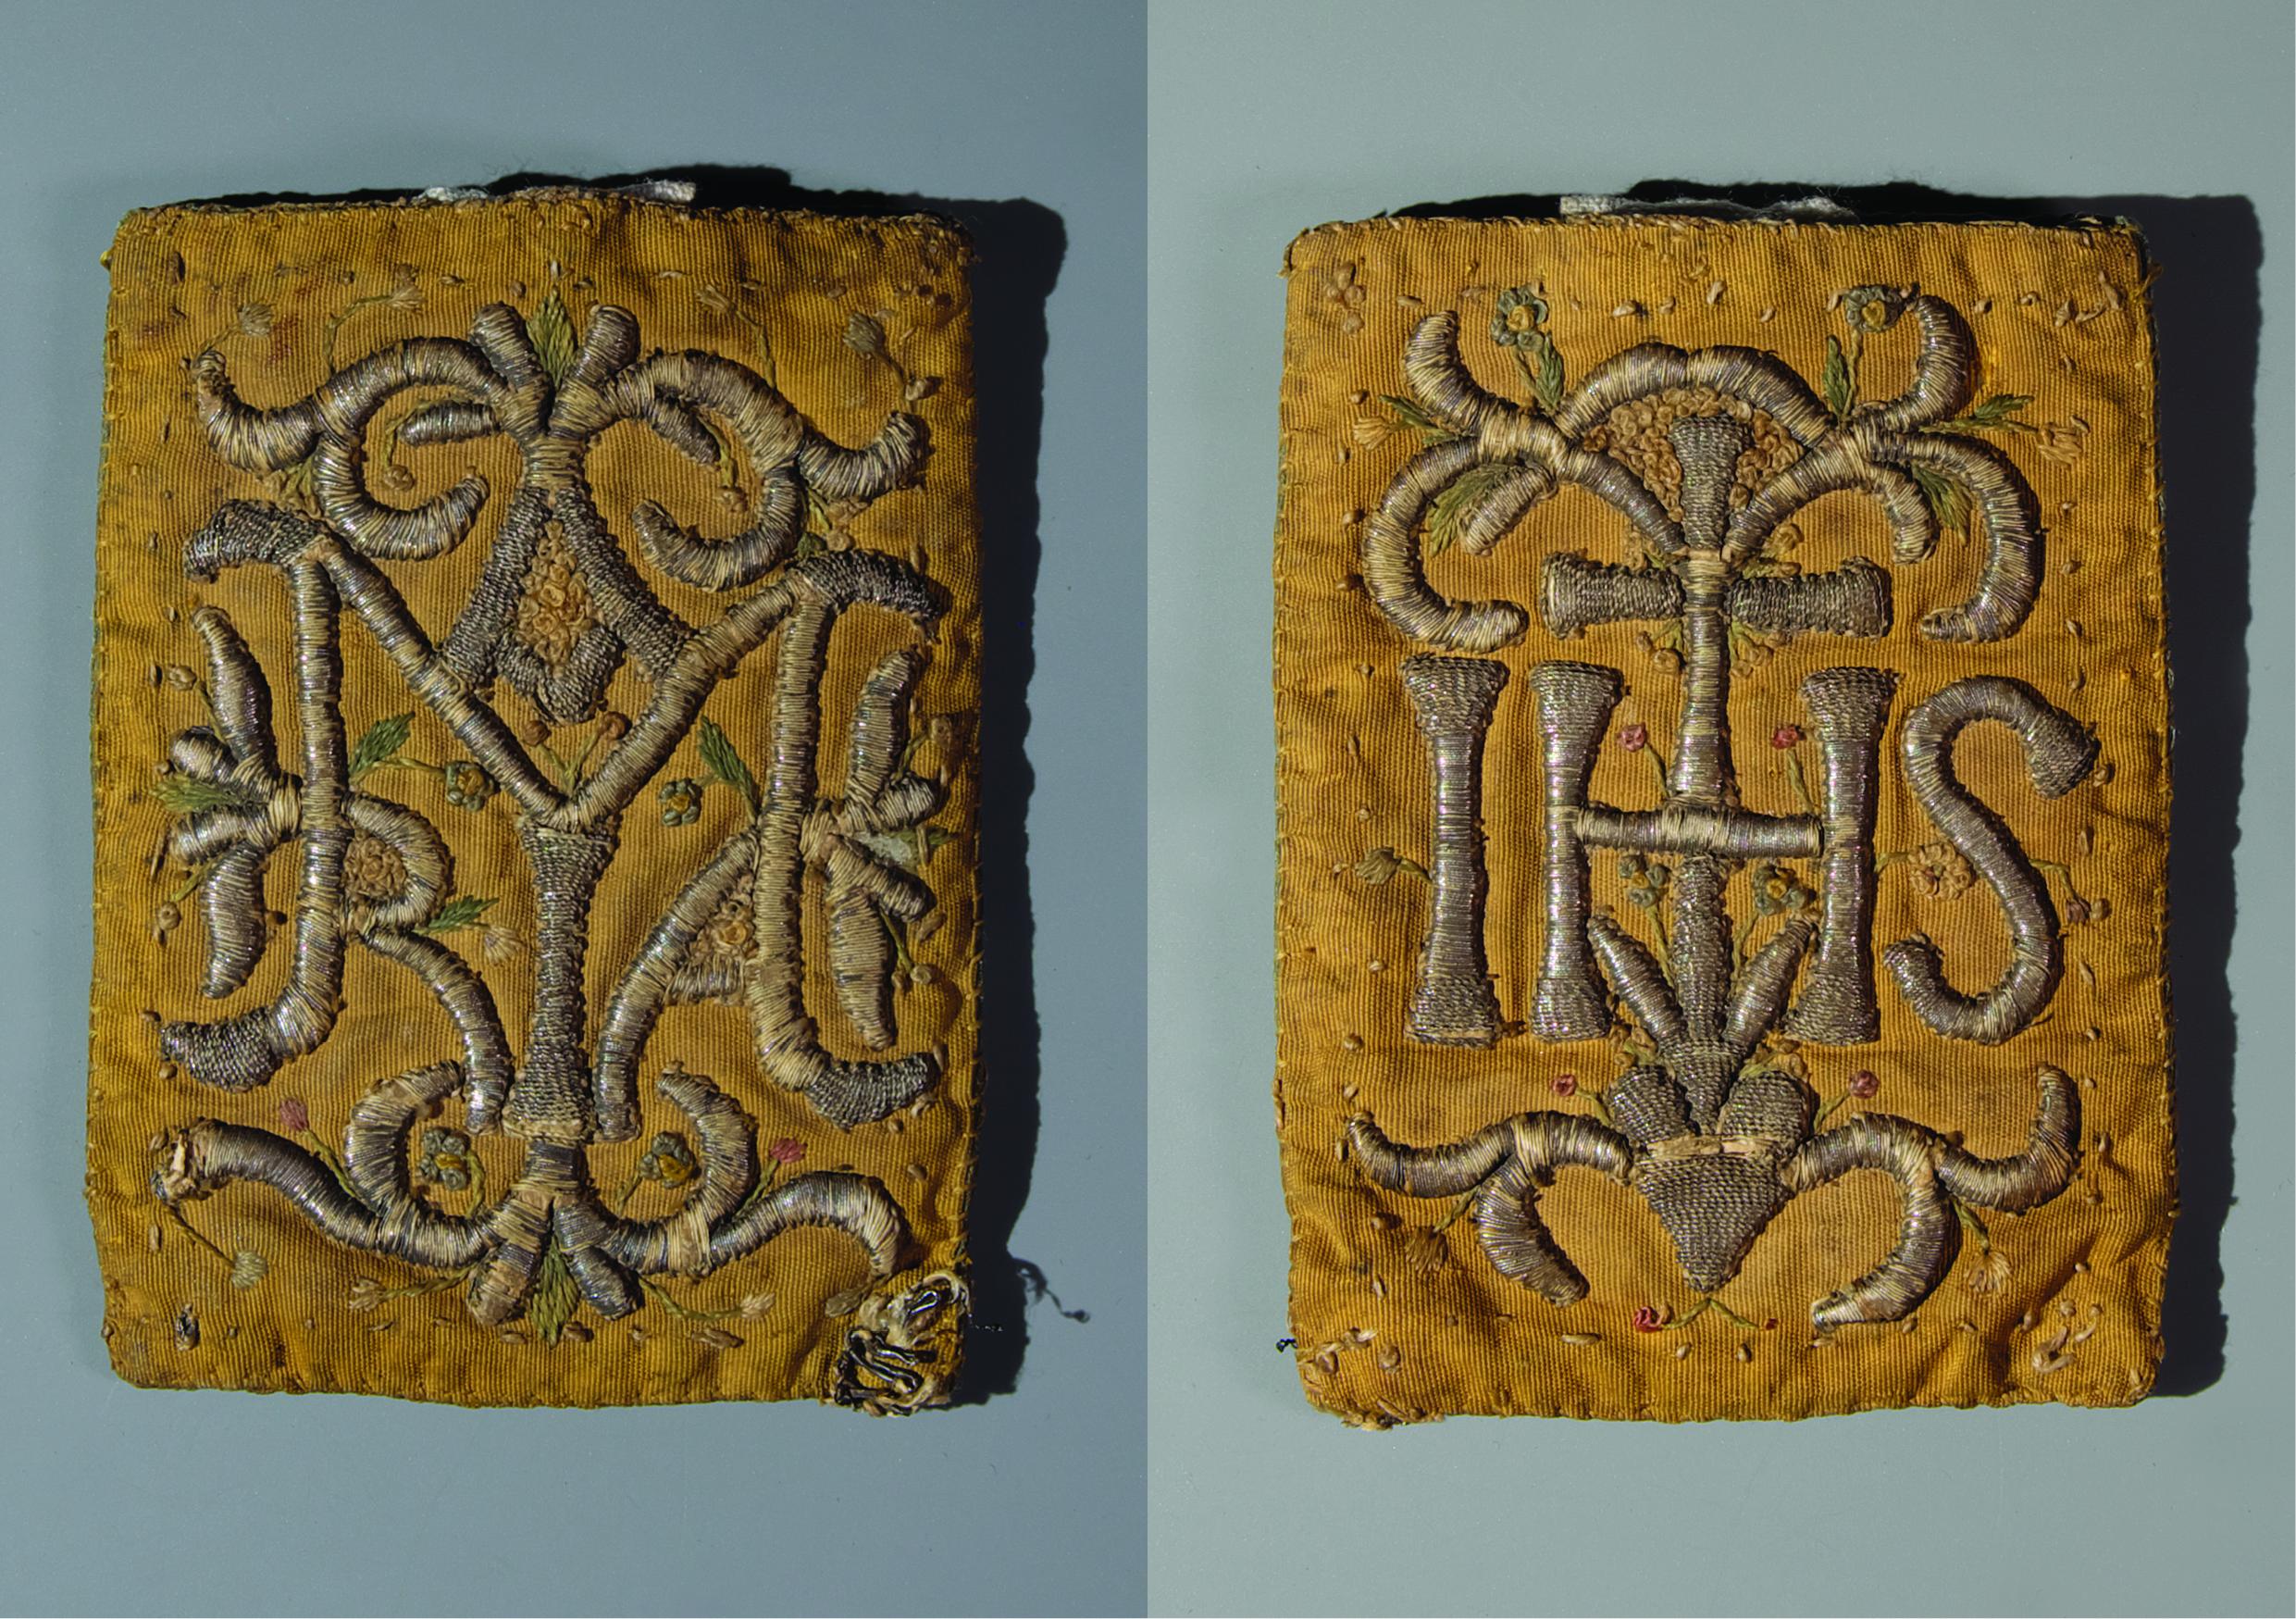 Amuletový škapulíř – textilní pouzdro z rypsu, výšivka stříbrným dracounem. Rozměry: 6,5 x 9 cm, Čechy, počátek 19. století Inv. č. UŘ 651